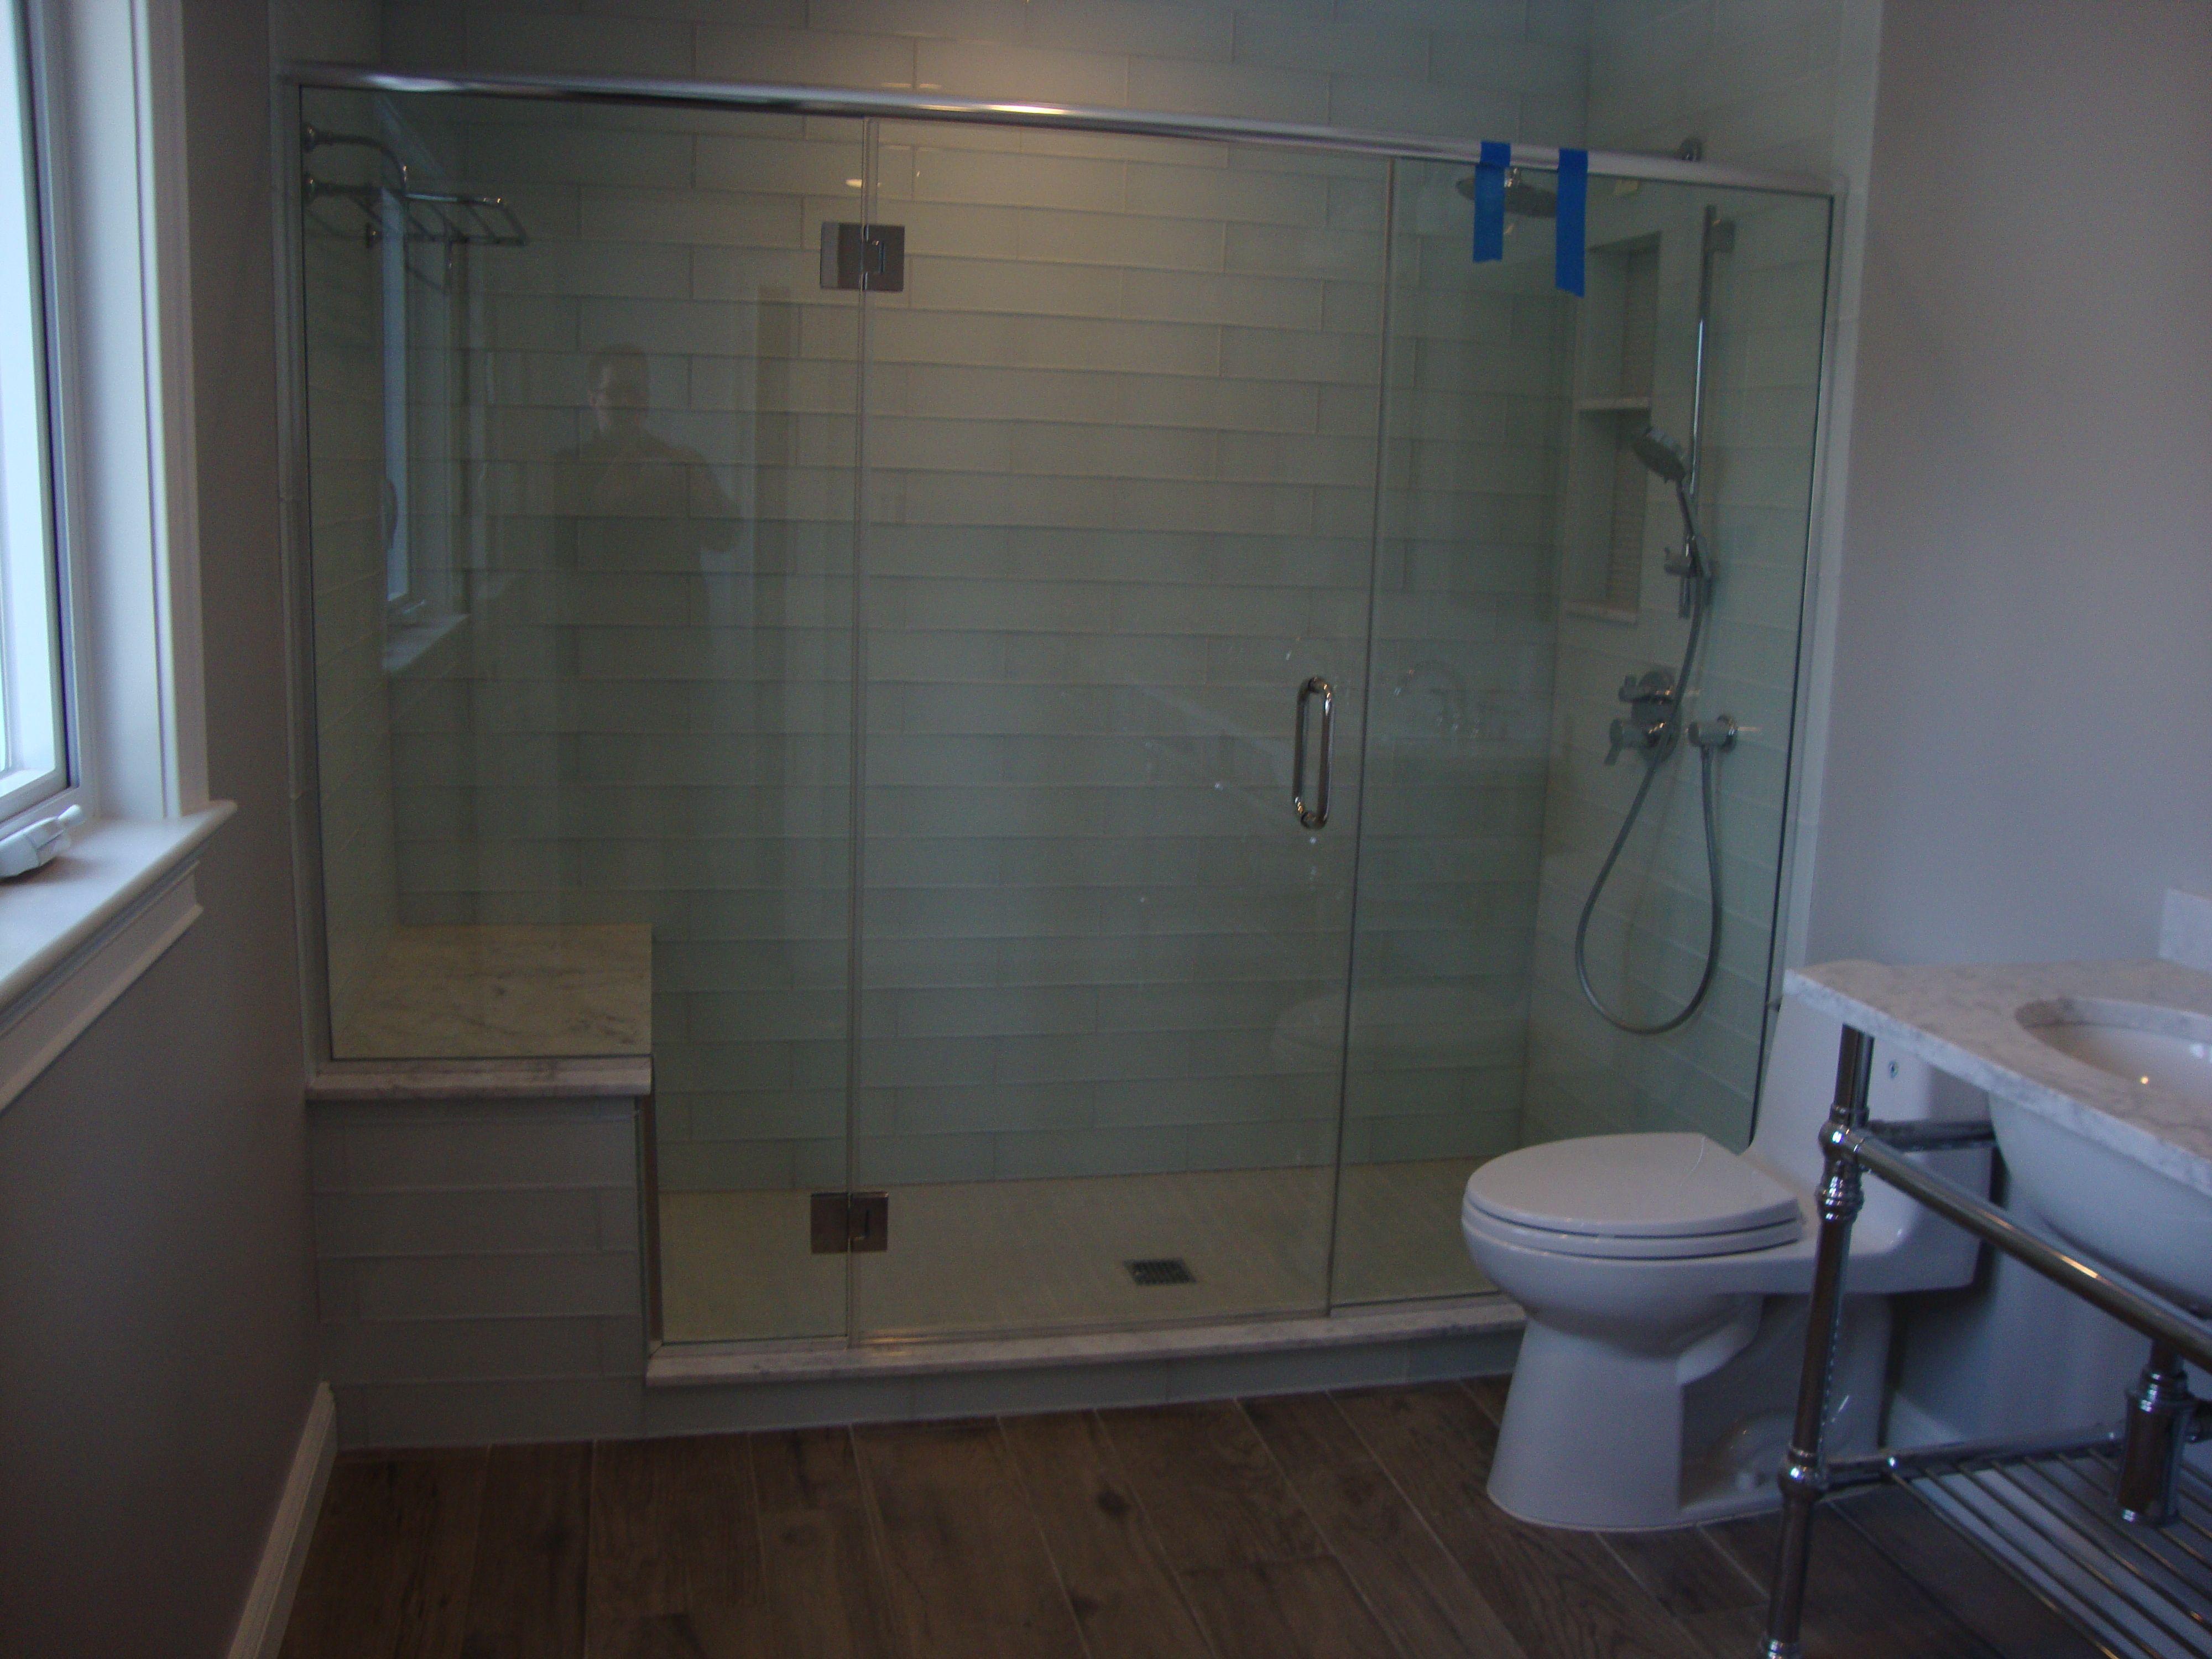 Eco friendly interior design master bathroom preliminary photos locust valley eco for Eco friendly bathroom remodel